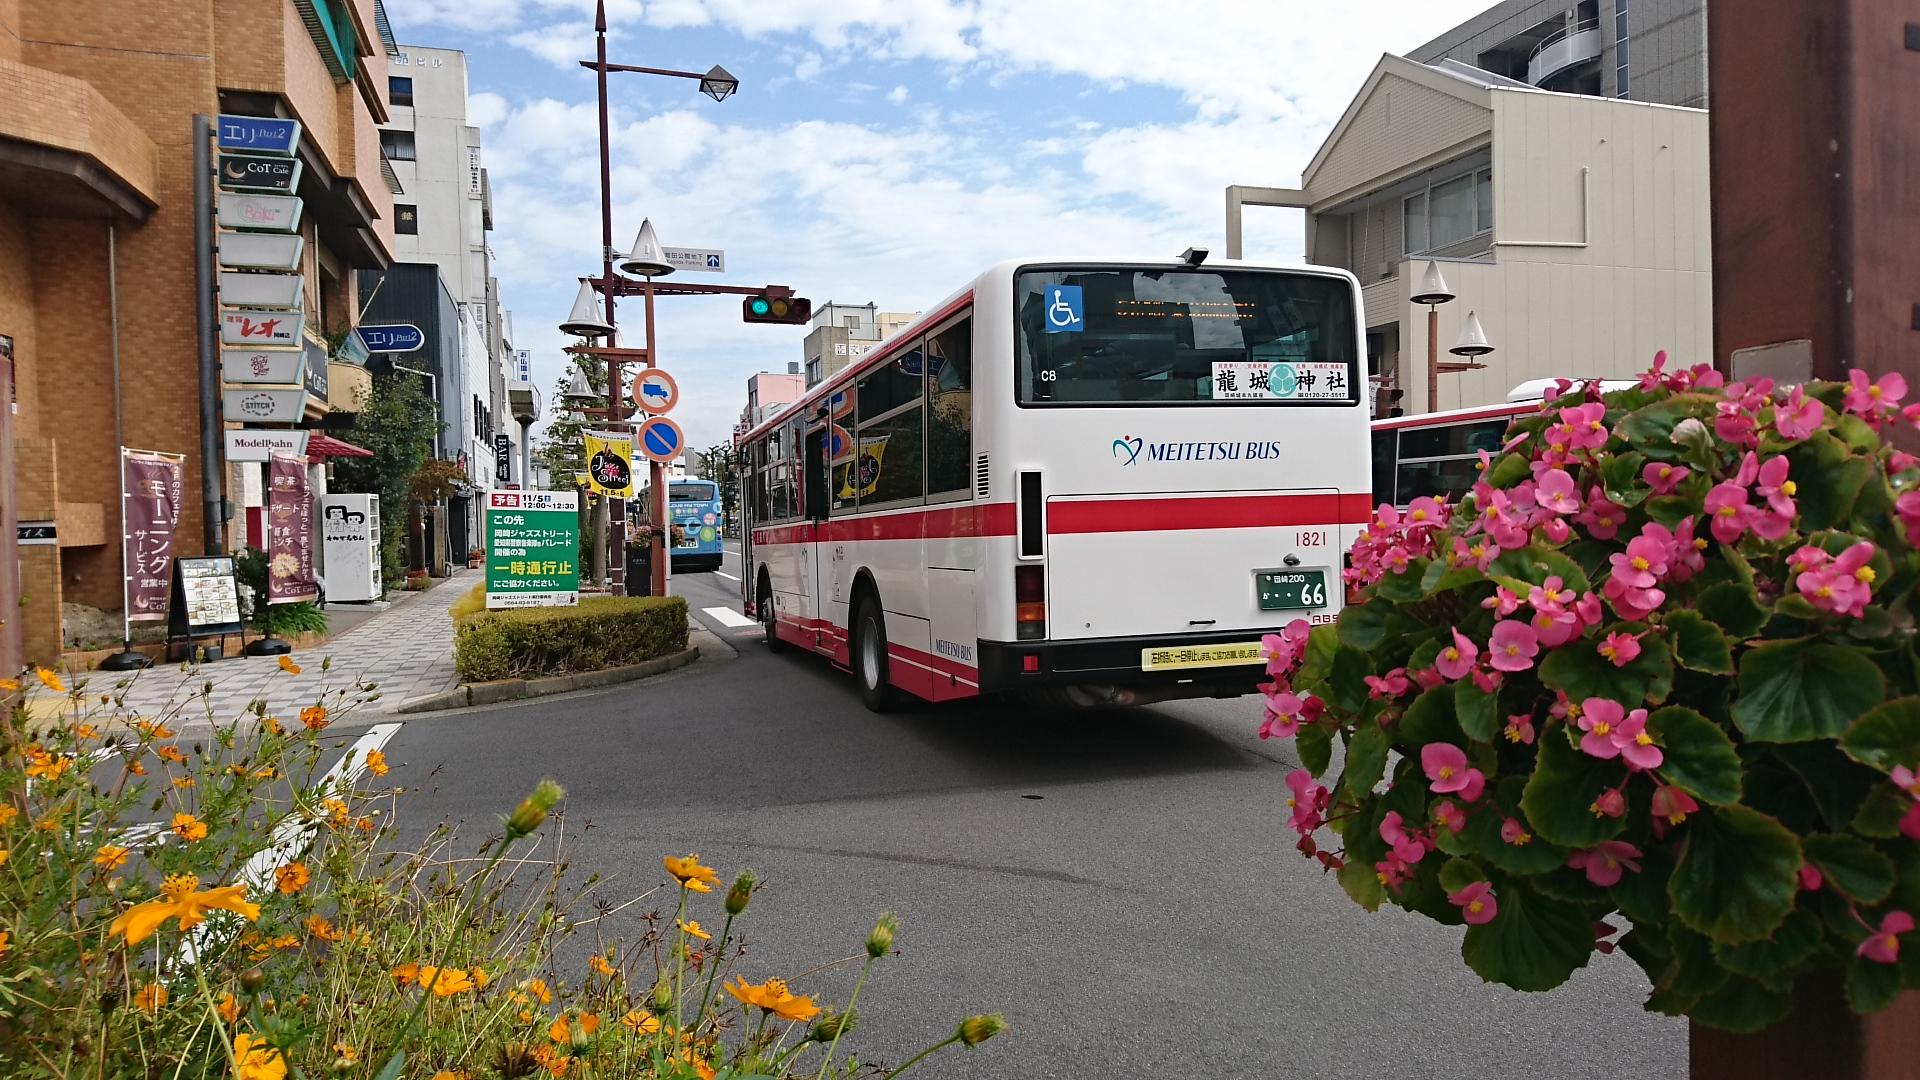 2016.10.31 (104) 康生町バス停 - 名鉄バス